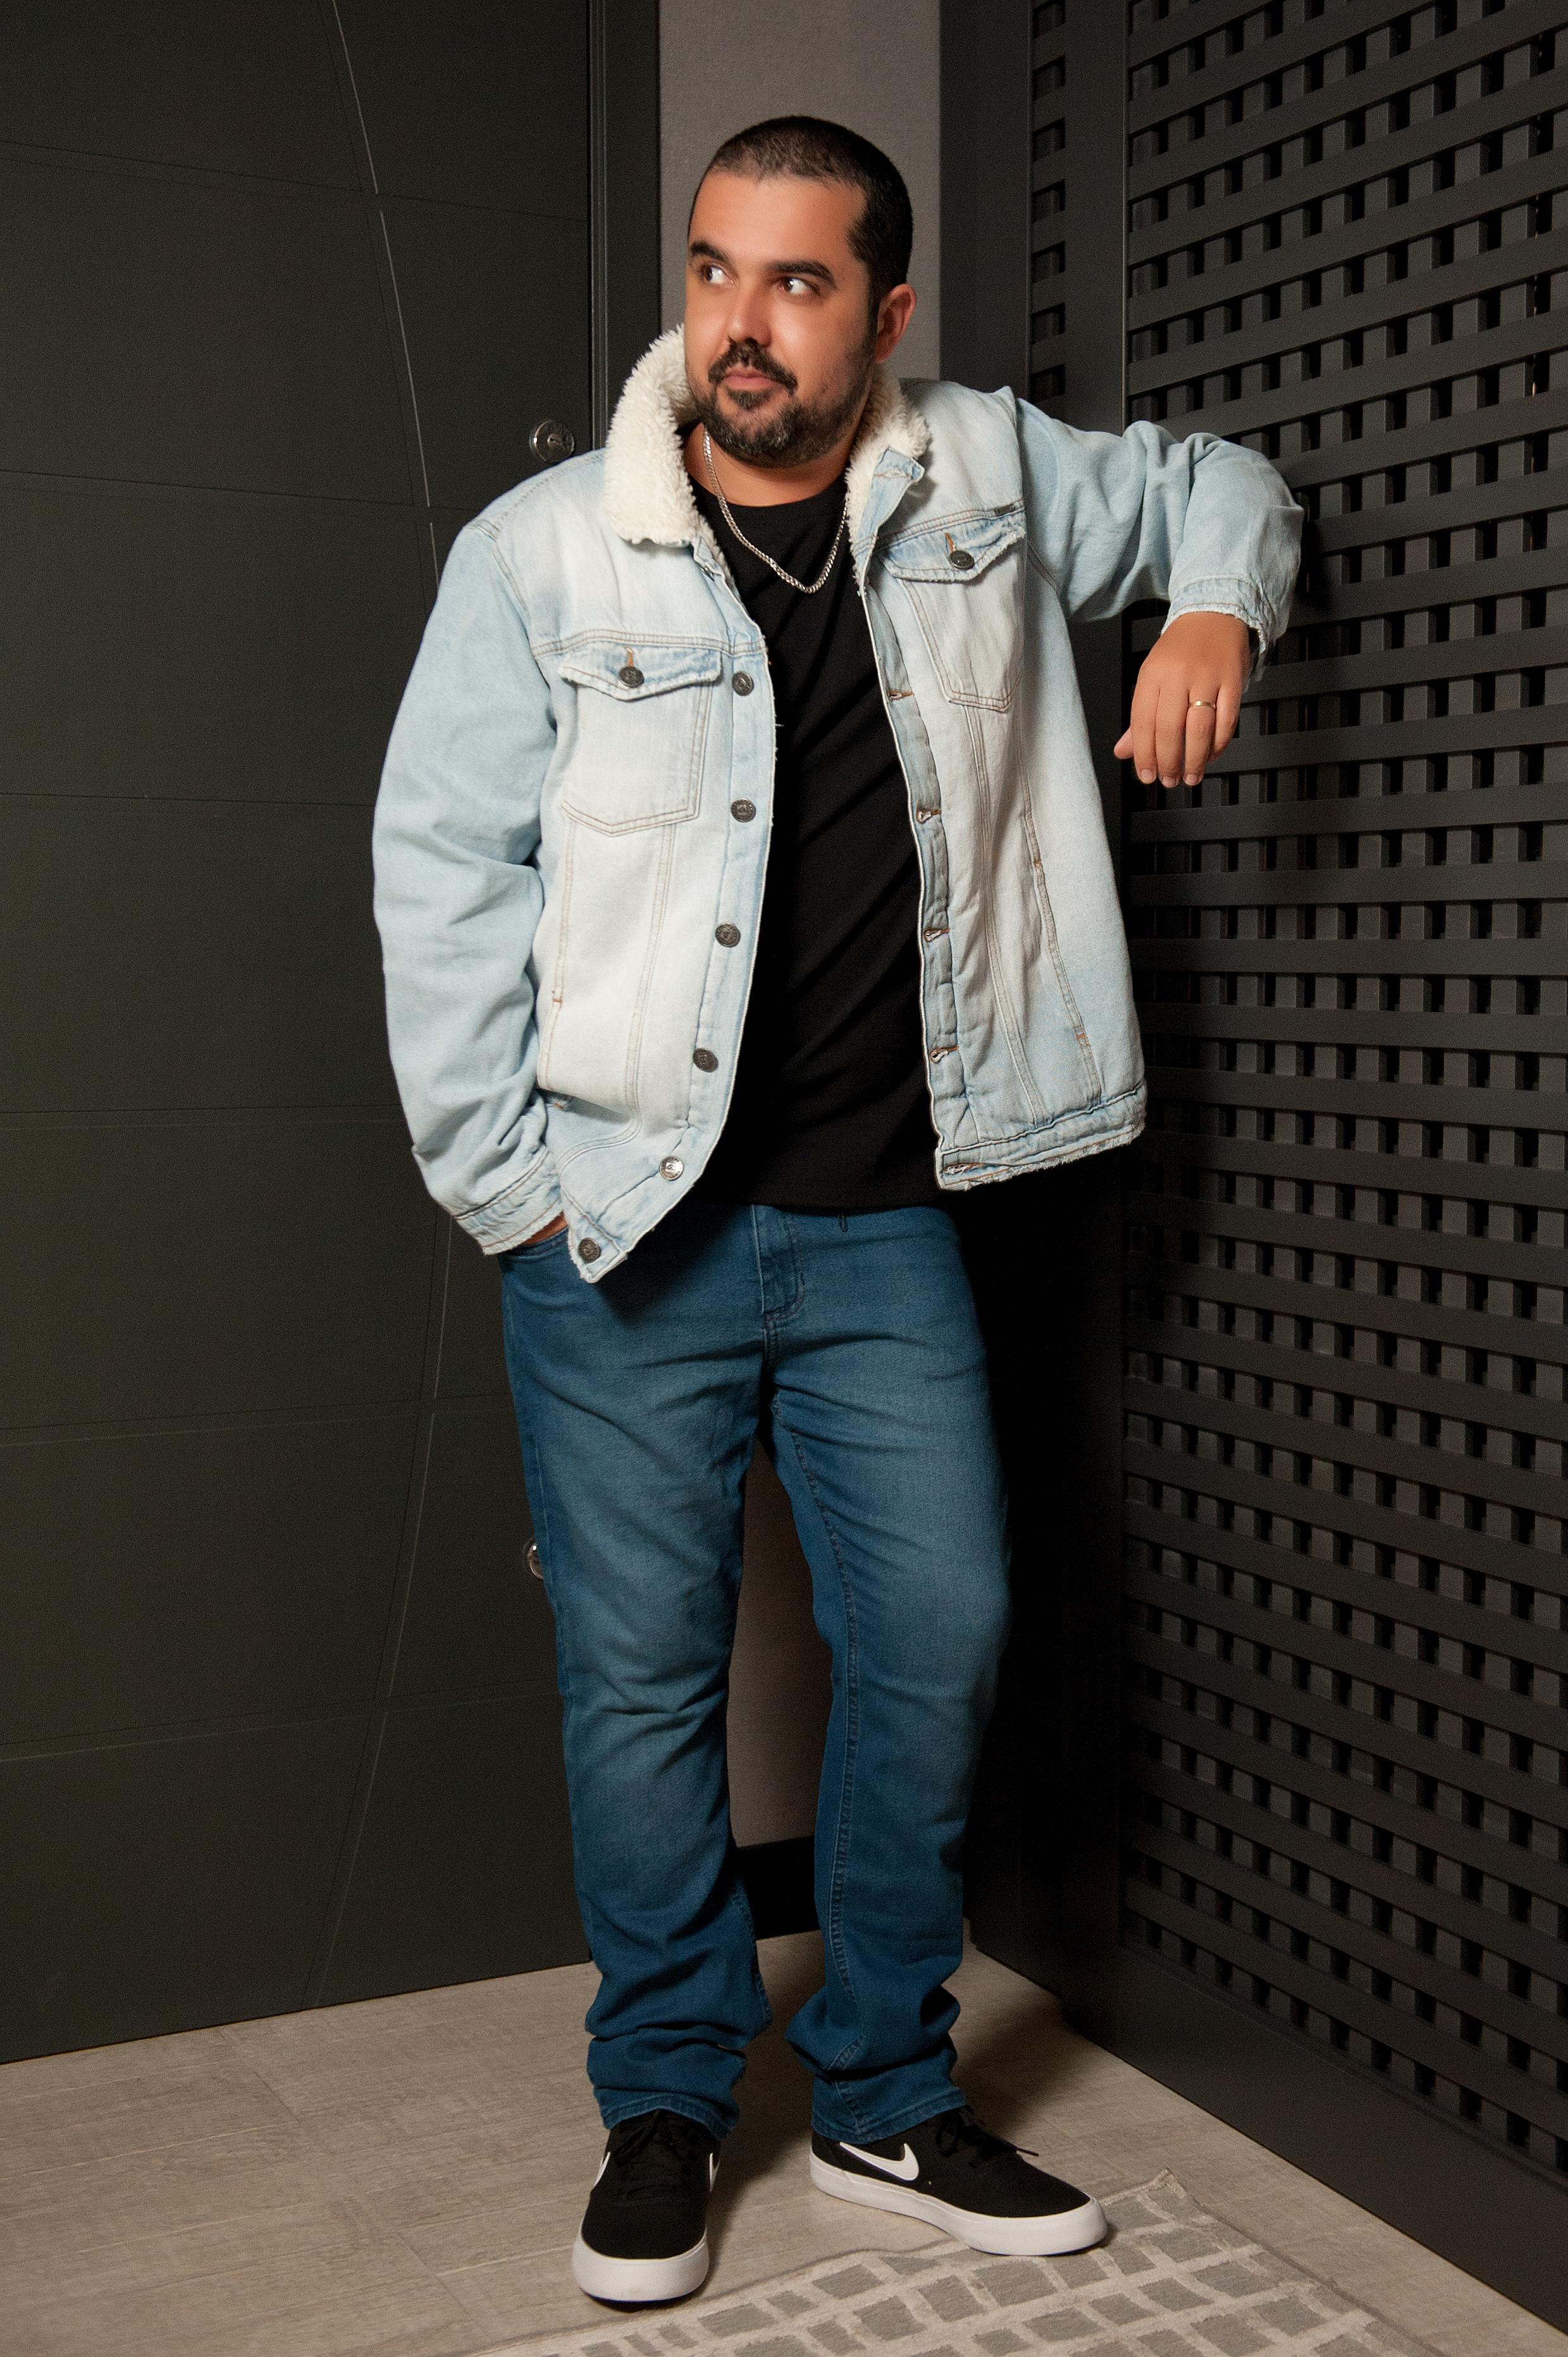 O modelo está usando blusa preta, jaqueta e calça jeans azuis e tênis preto e branco.